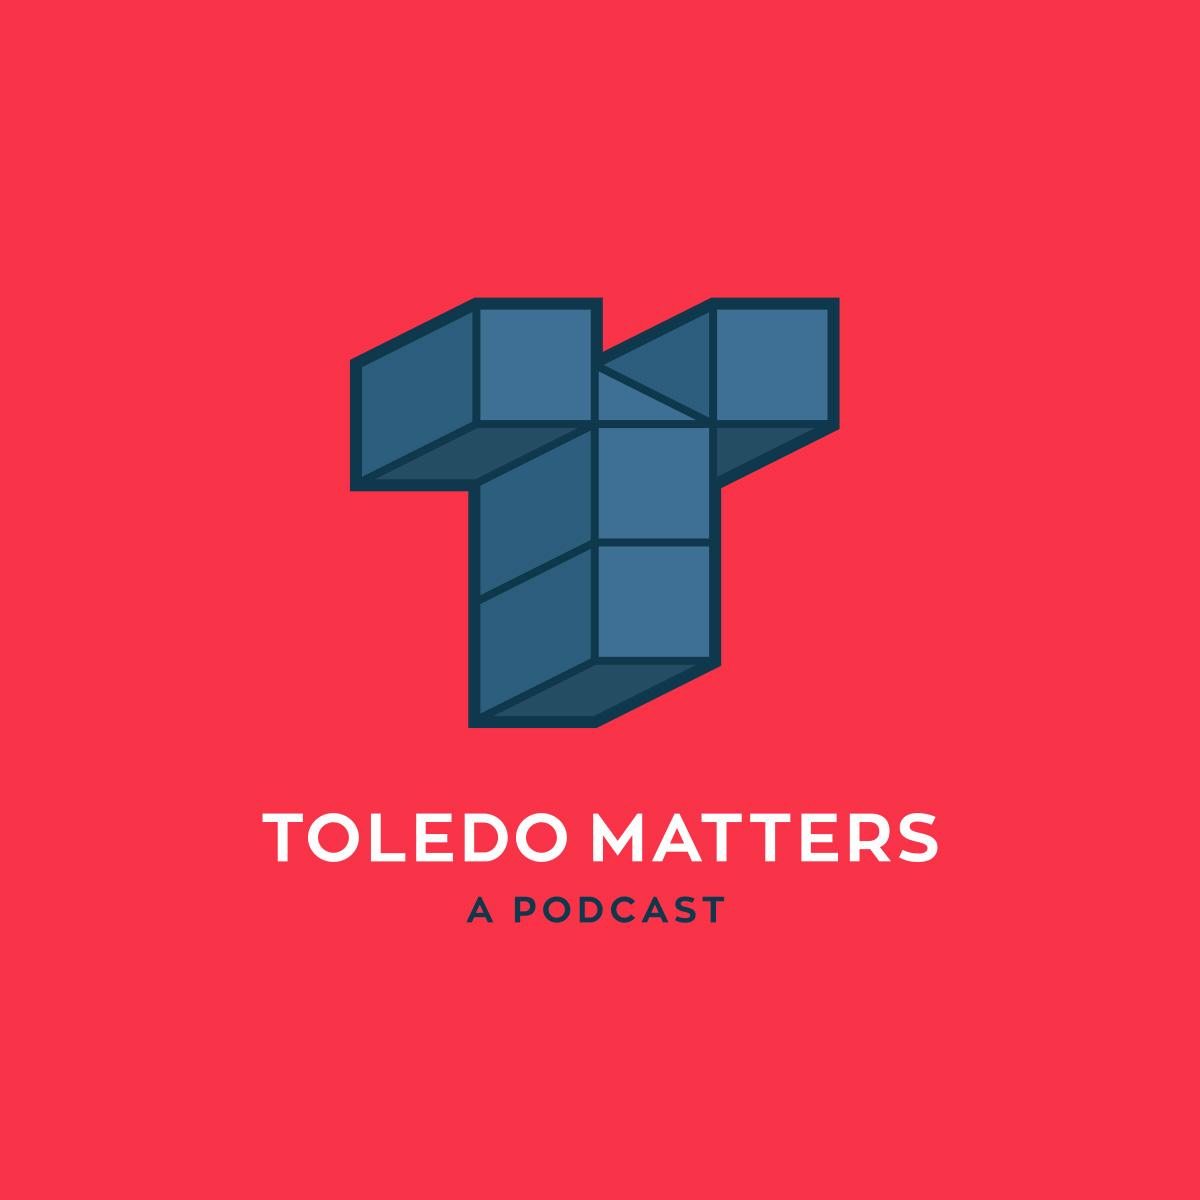 Toledo-Matters_podcast.jpg